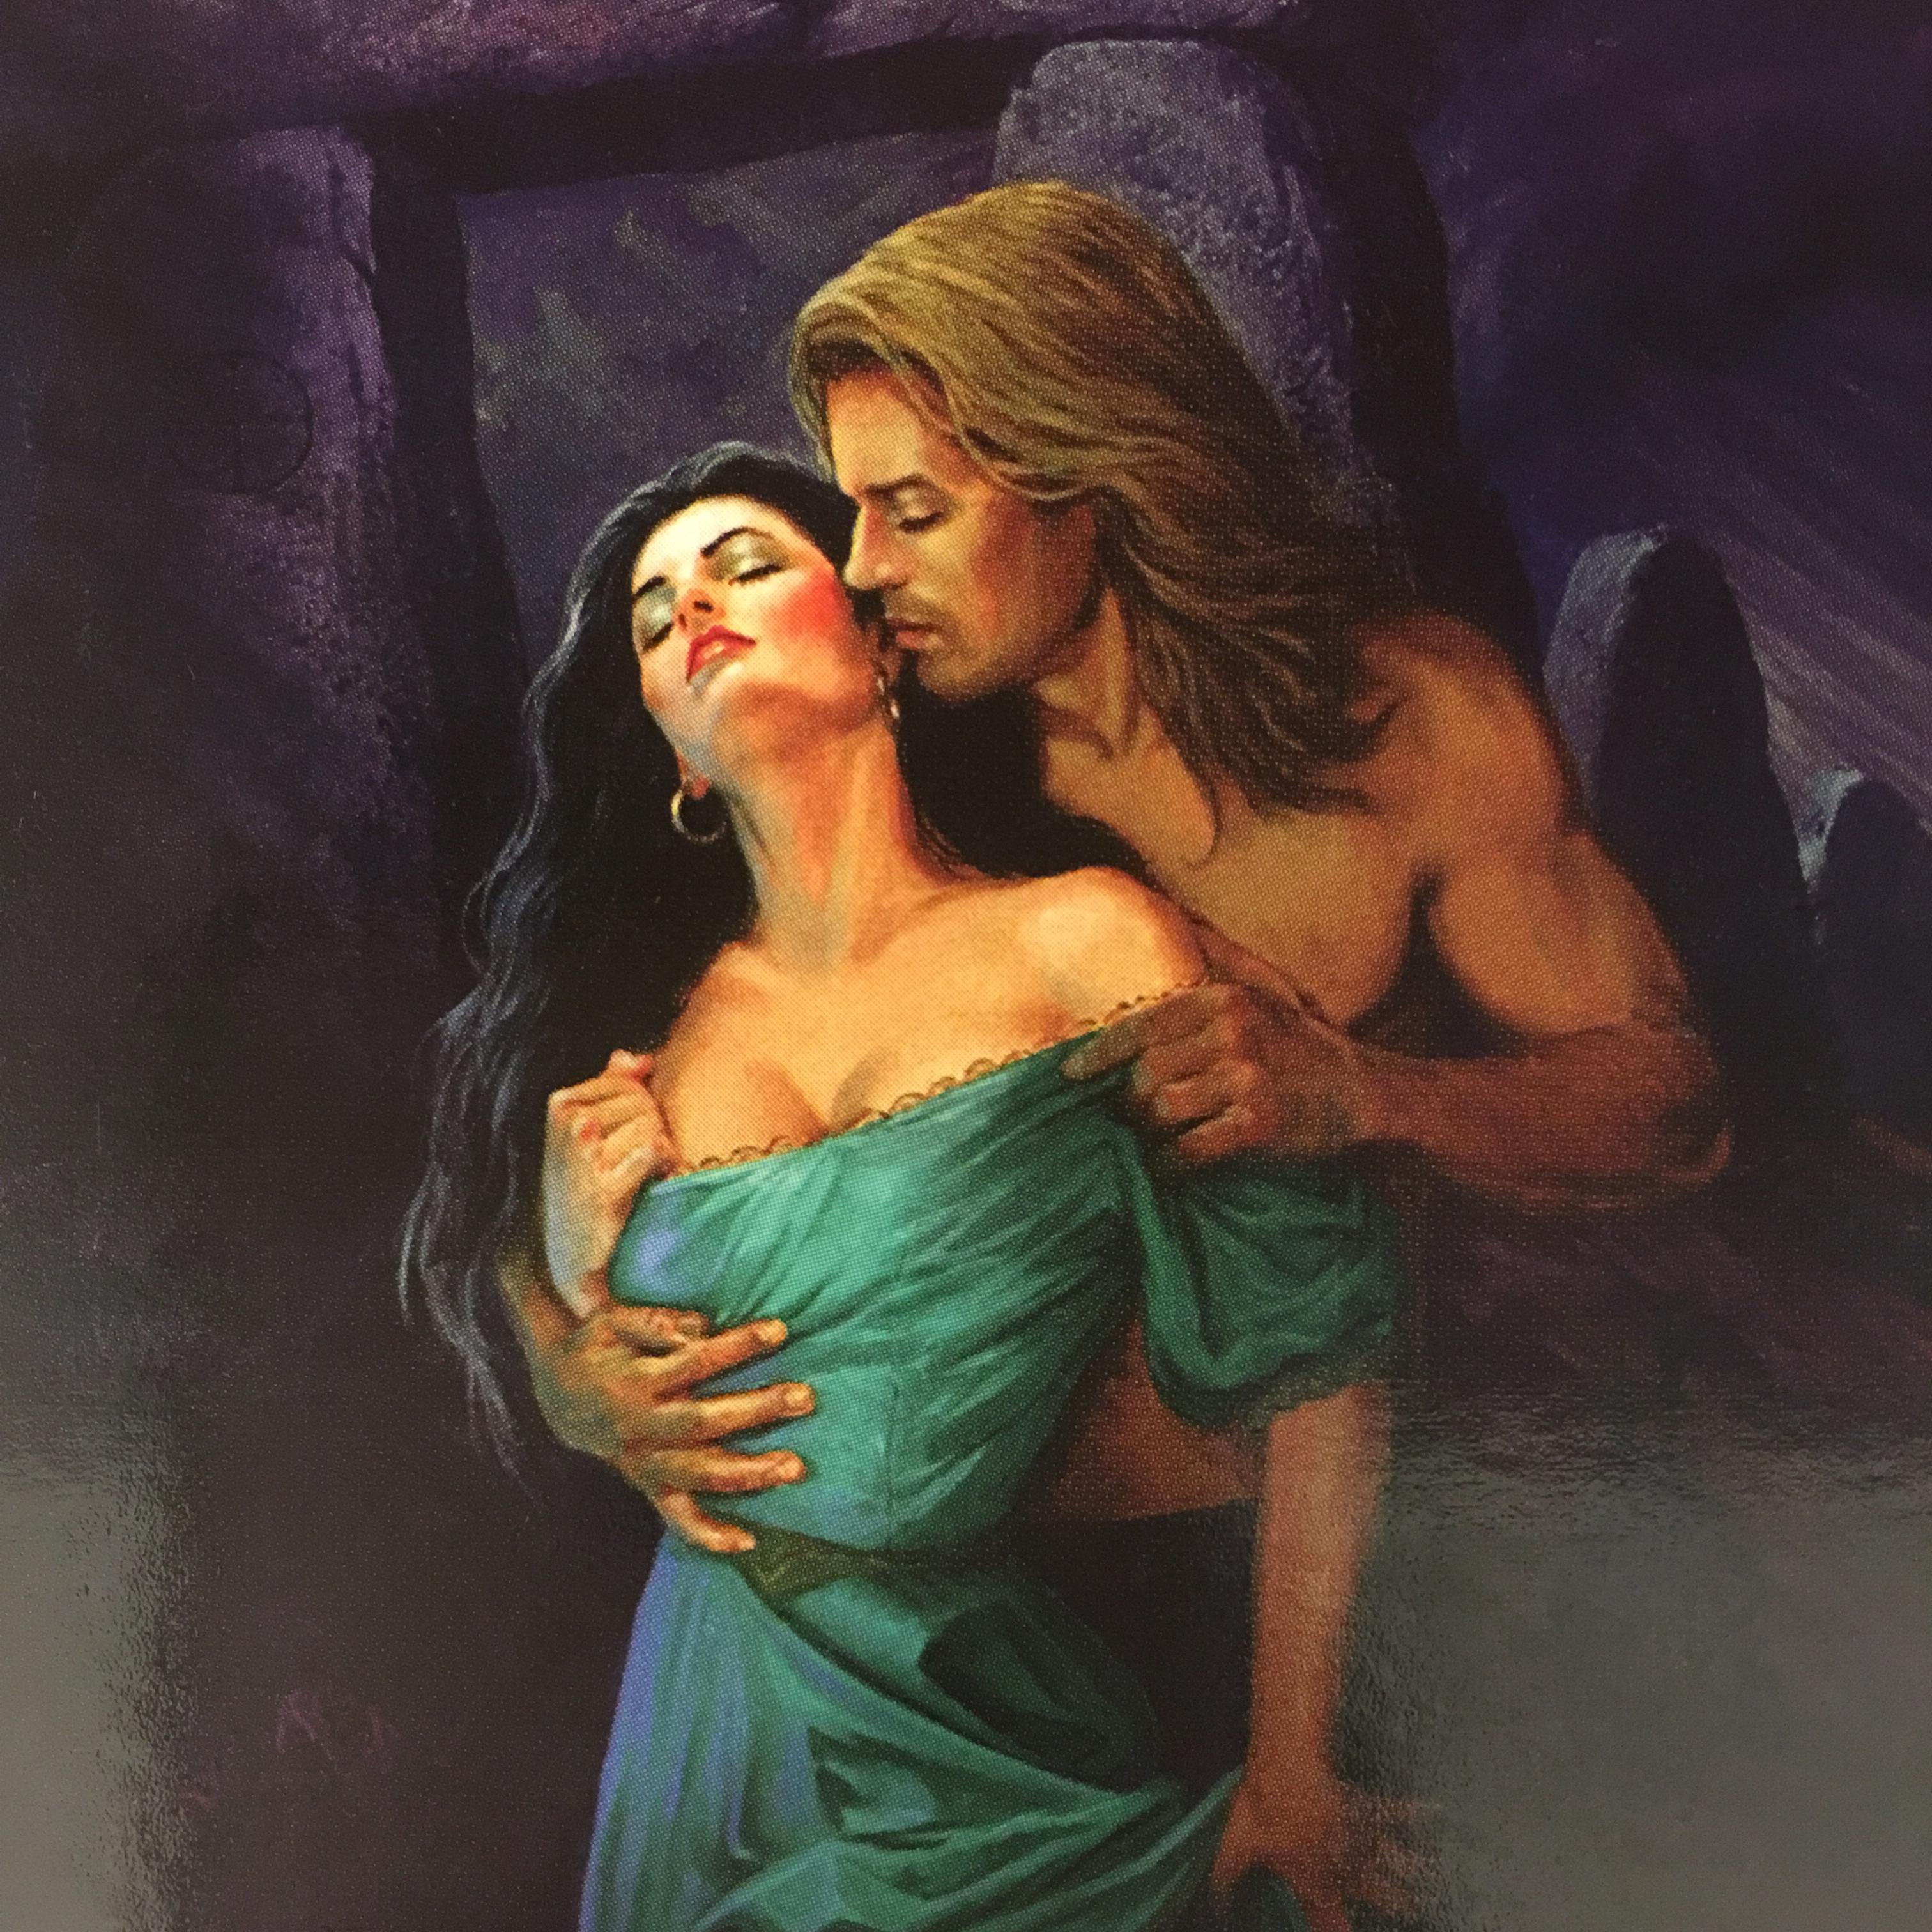 浪漫天使指引卡:前世的關係Past-Life Relationship